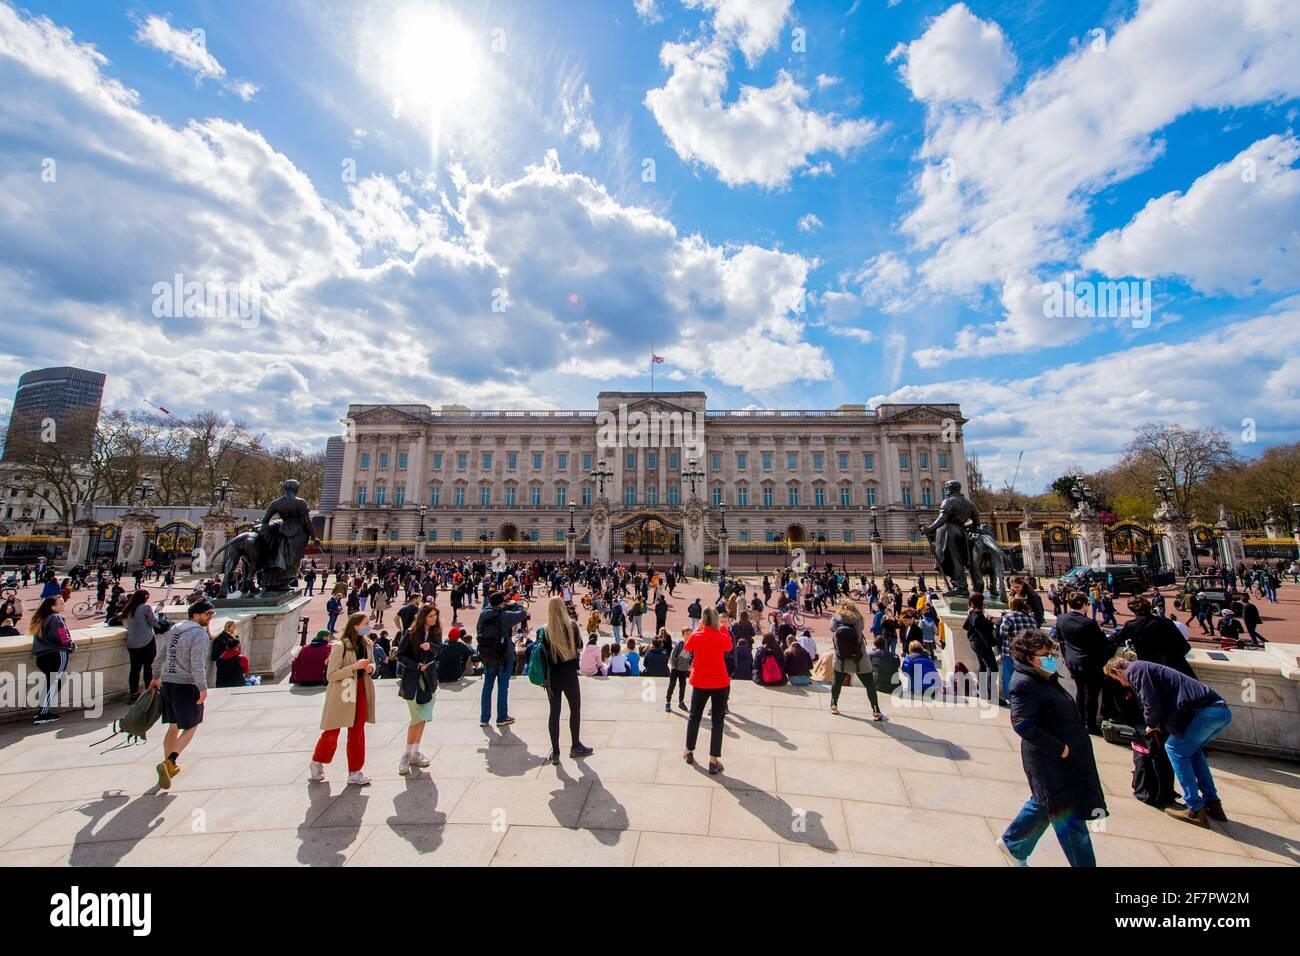 La gente se reúne en las afueras del Palacio de Buckingham, Londres, tras el anuncio de la muerte del Duque de Edimburgo a la edad de 99 años. Fecha de la foto: Viernes 9 de abril de 2021. Foto de stock